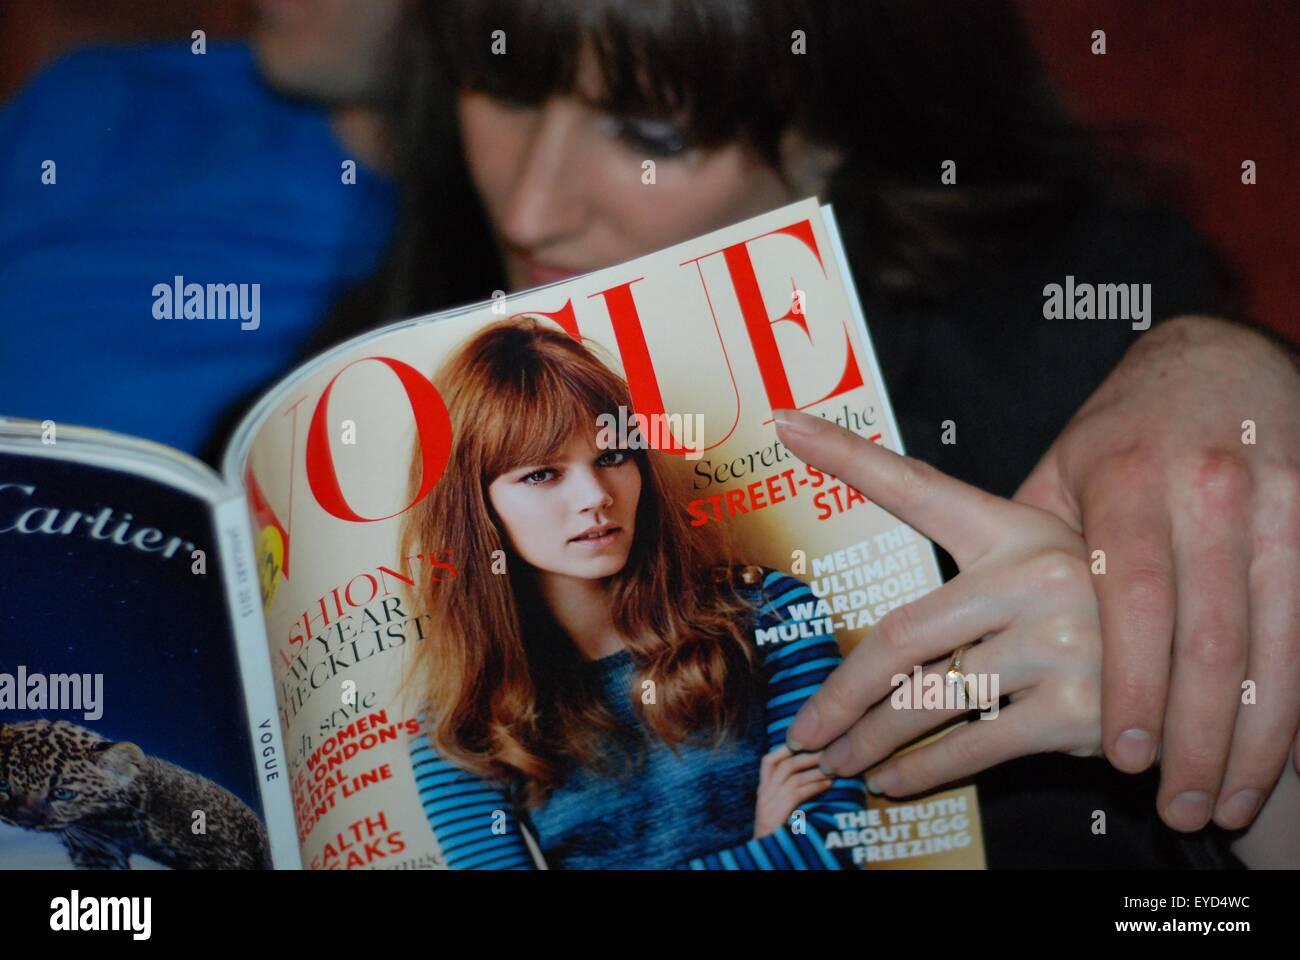 Un jeune couple nouvellement engagée sur un canapé. Elle consulte un magazine Vogue. Photo Stock